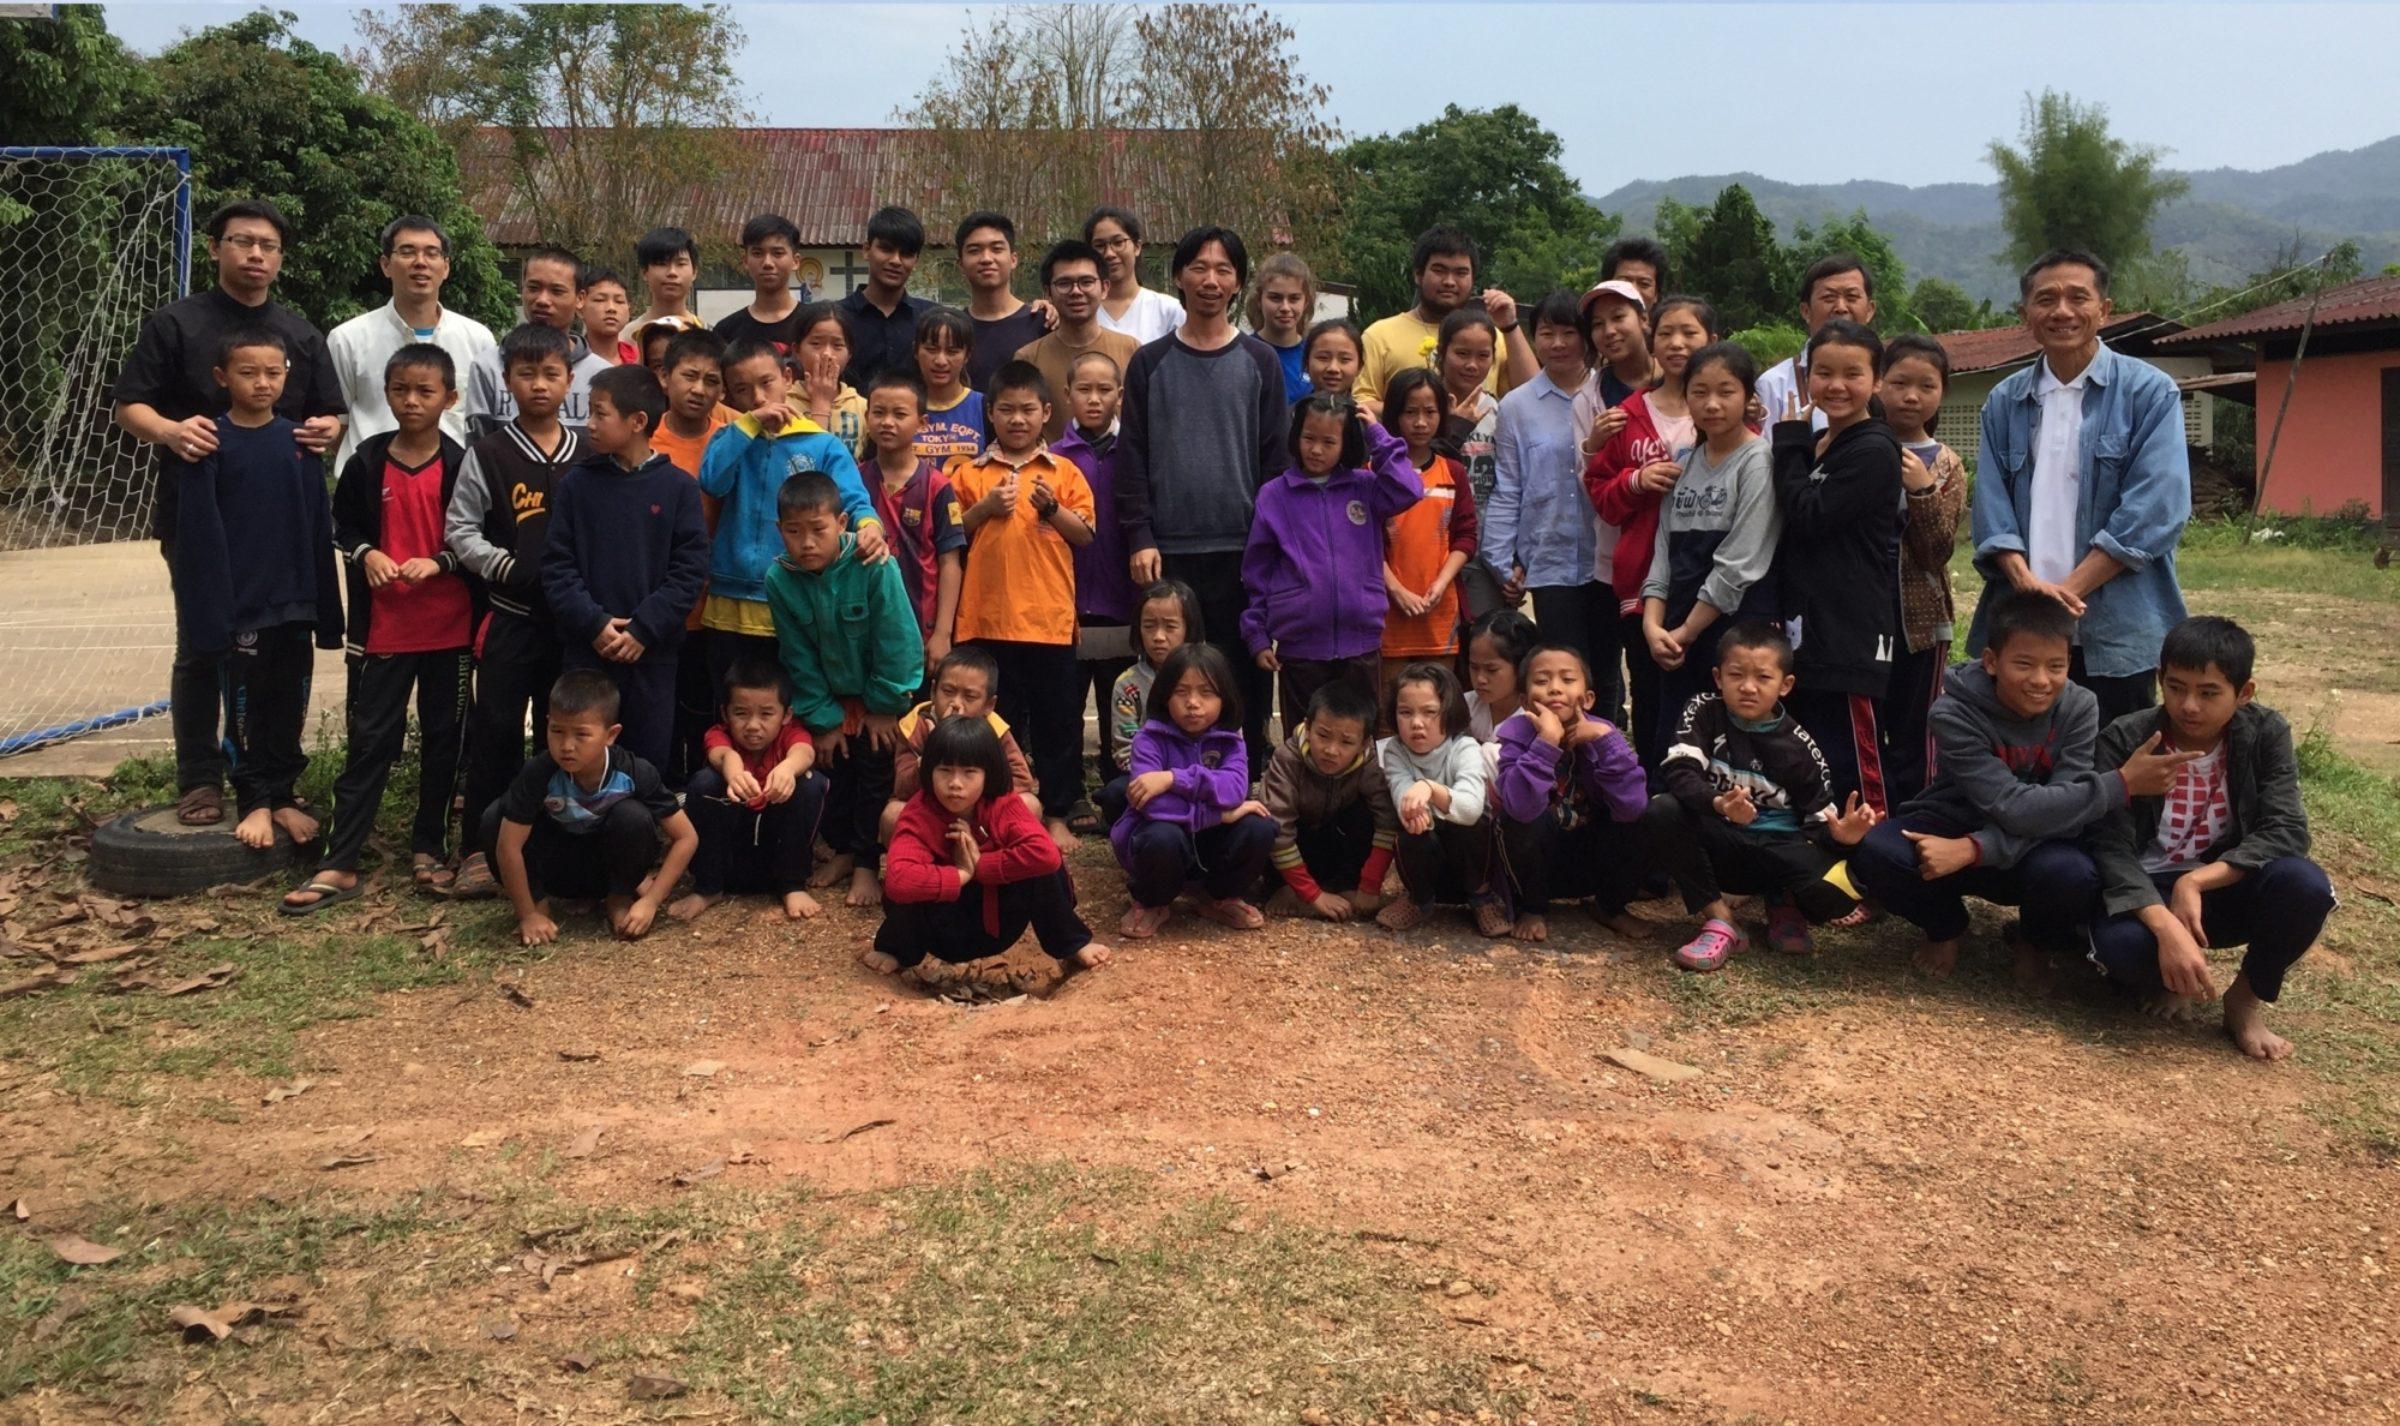 Muse Club Field Trip to Chiang Rai